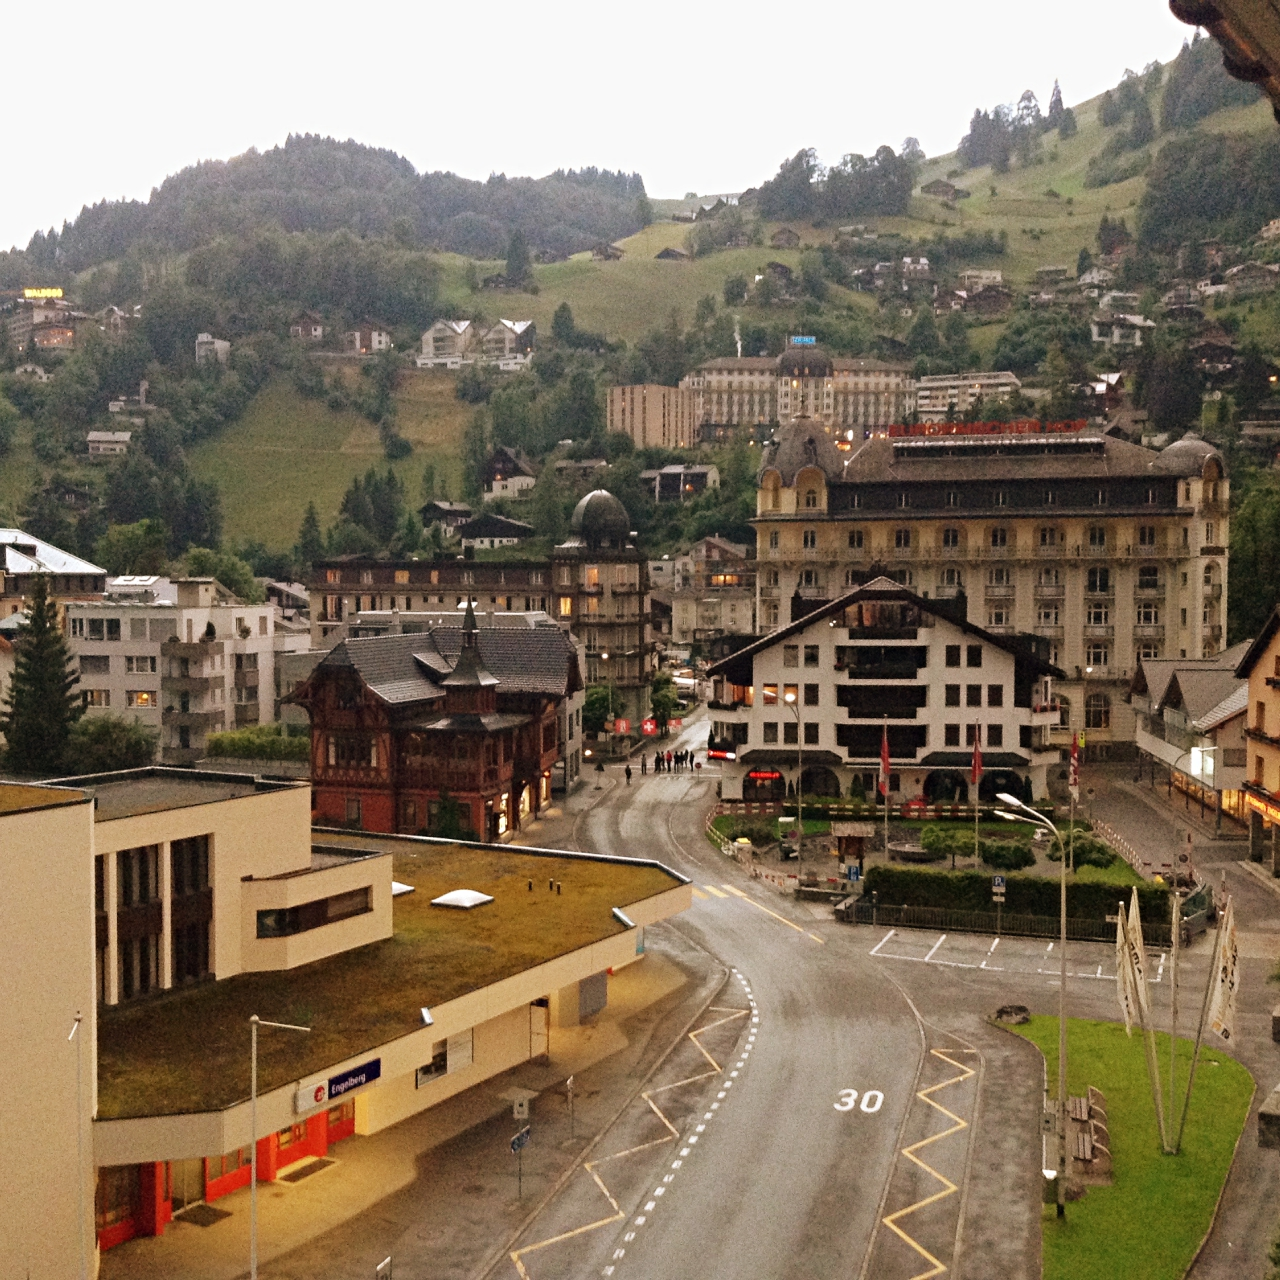 Bellevue Terminus Switzerland View